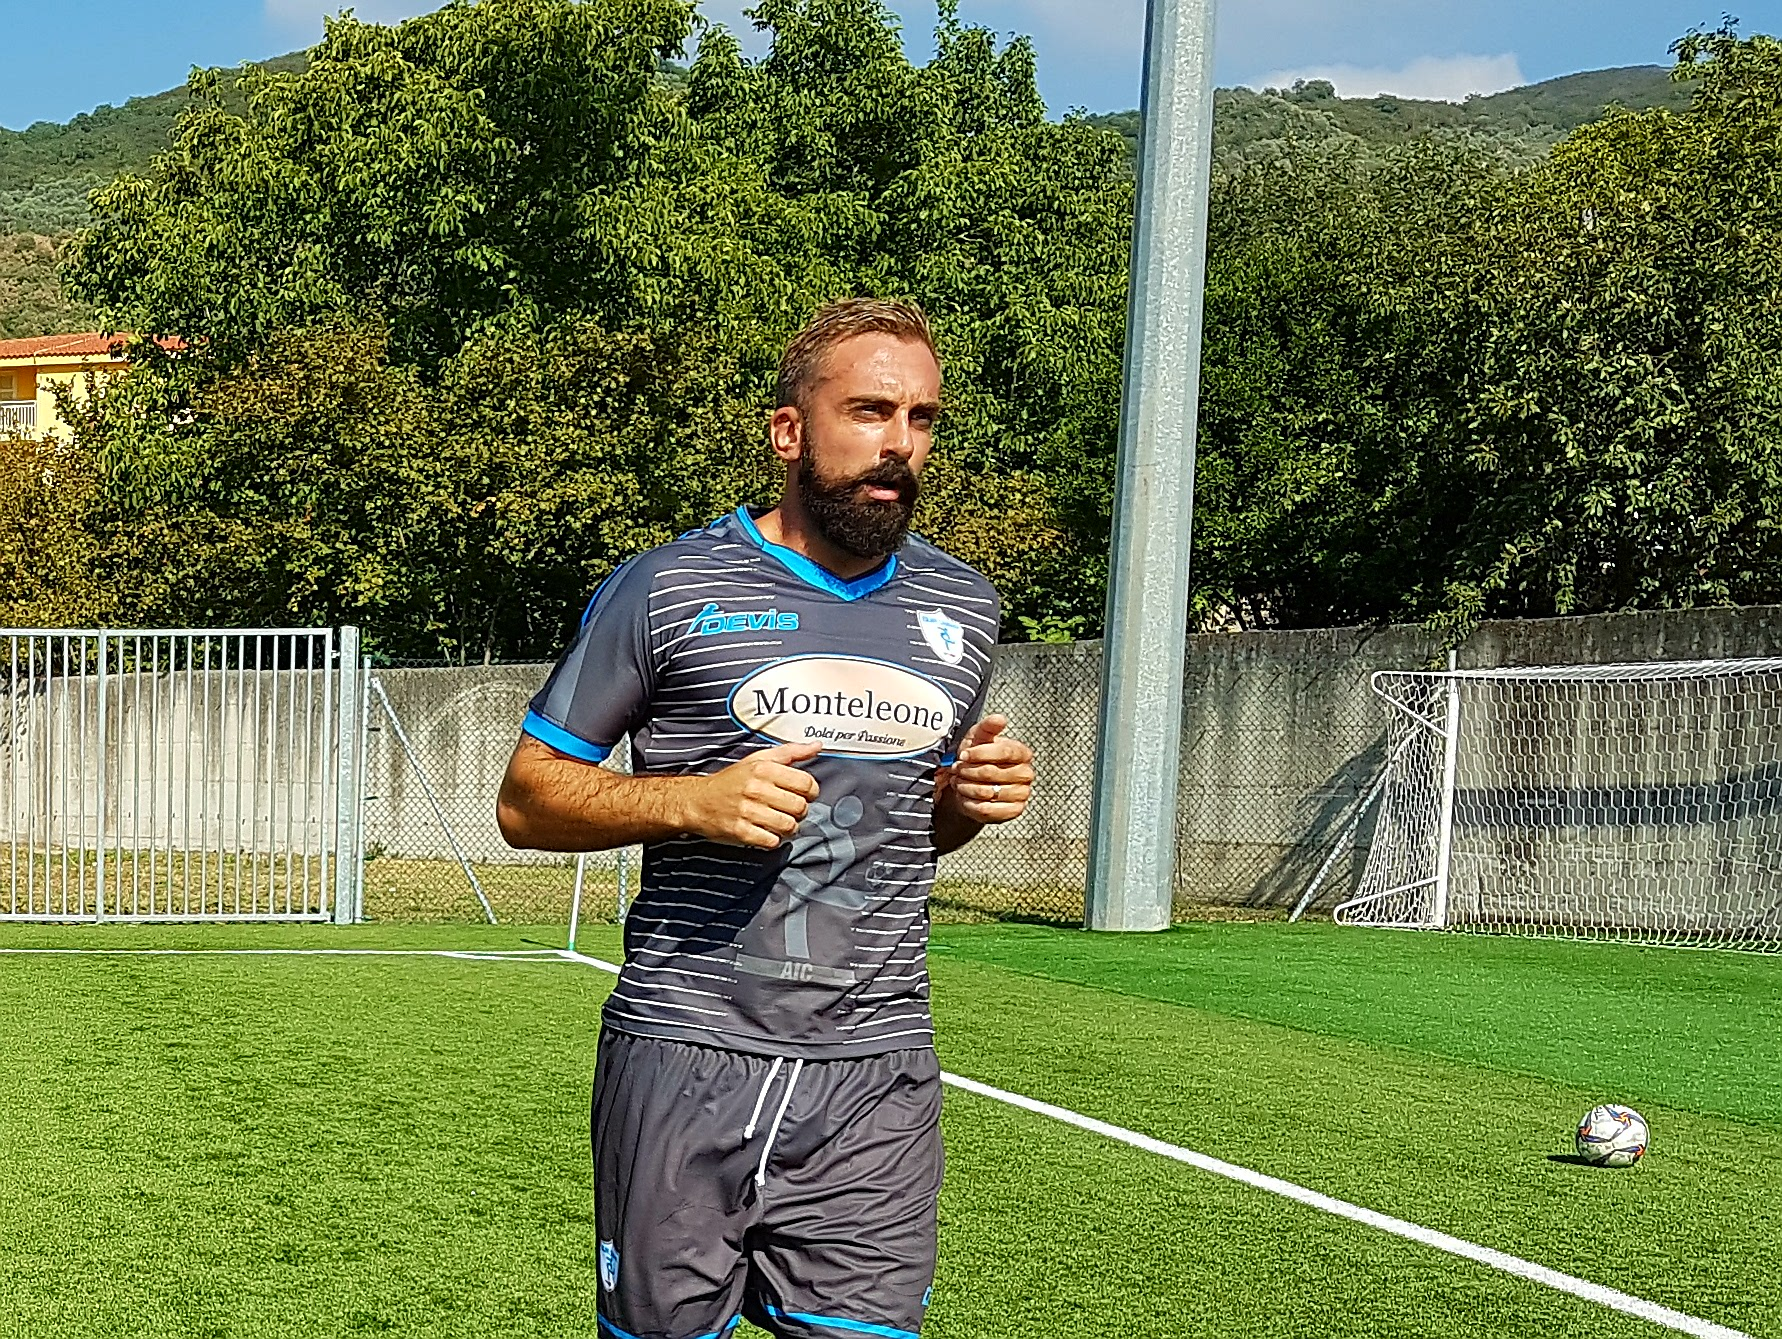 """Equipe Campania, Pascuccio: """"Calciatore lavoro che va rispettato, mi alleno per essere pronto"""""""